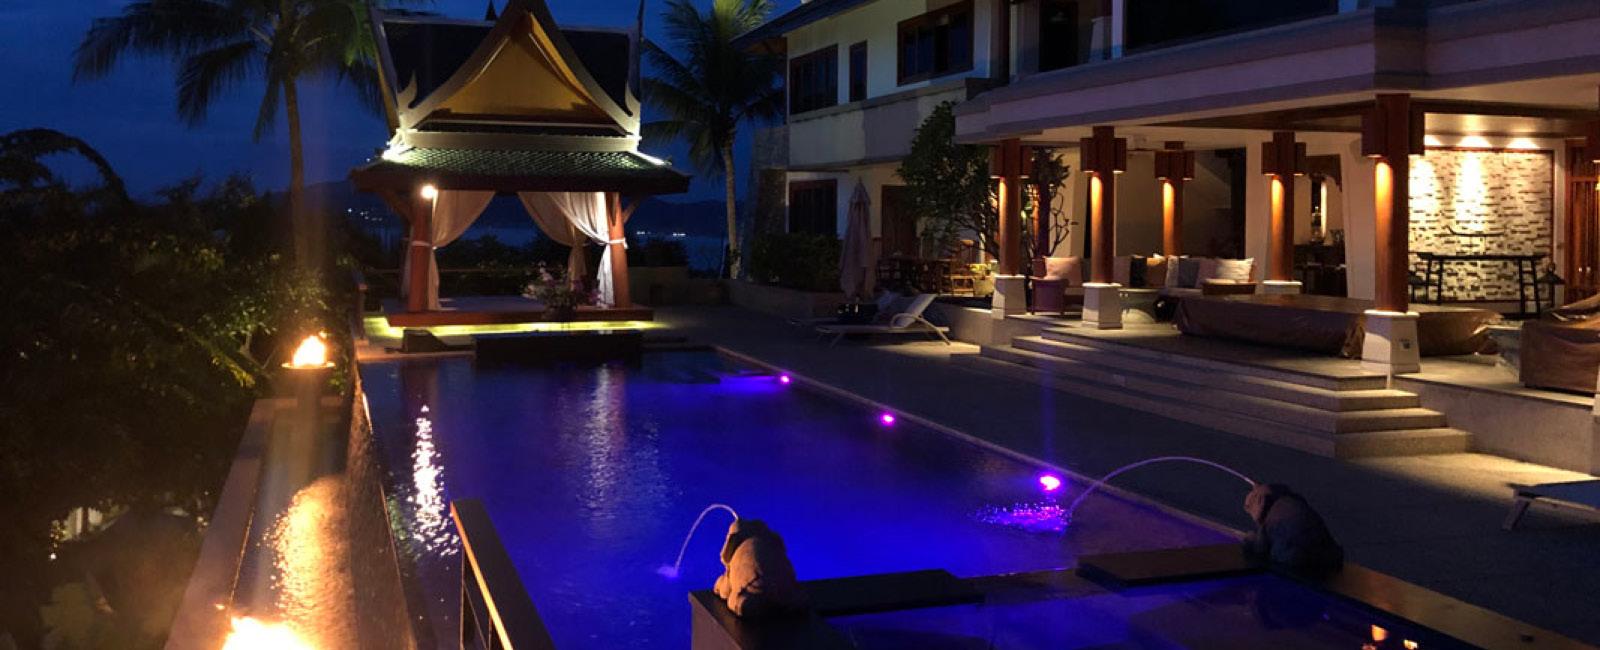 Paradise Pool Interiors Sliders